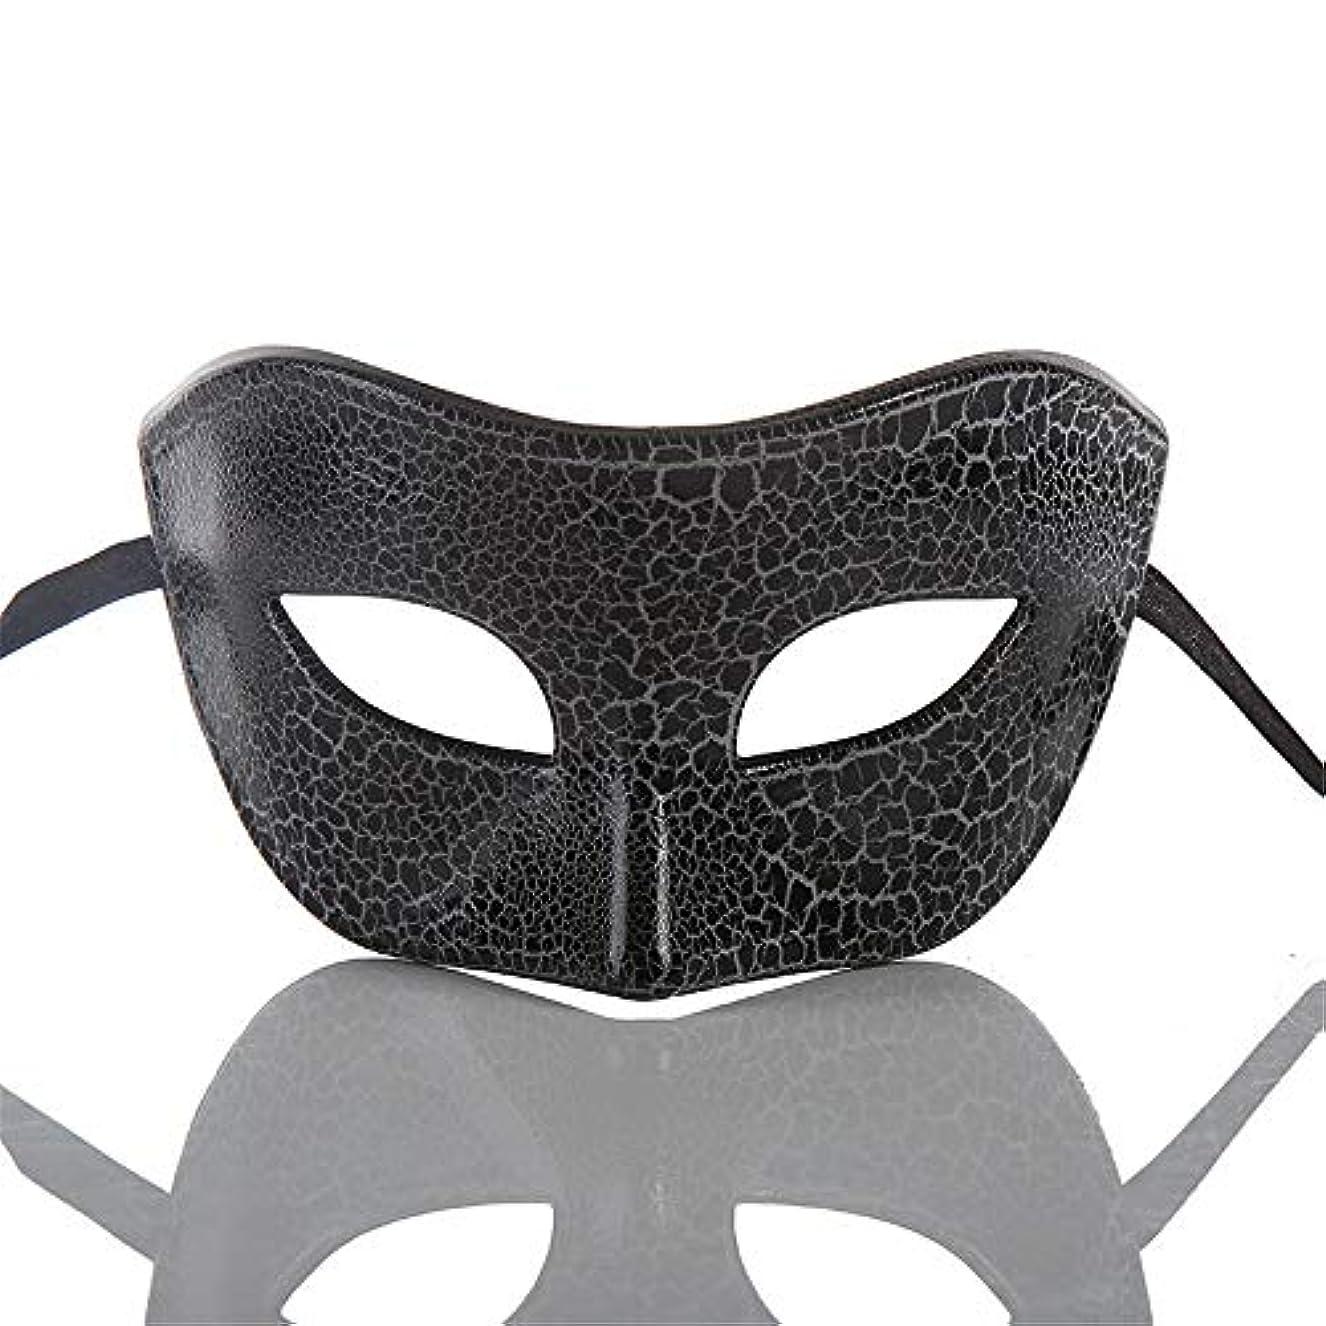 表面打撃マットレスダンスマスク ハーフマスク新しいハロウィーンマスク仮装レトロコスプレメイクナイトクラブマスク雰囲気クリスマスお祝いプラスチックマスク ホリデーパーティー用品 (色 : ブラック, サイズ : 16.5x8cm)